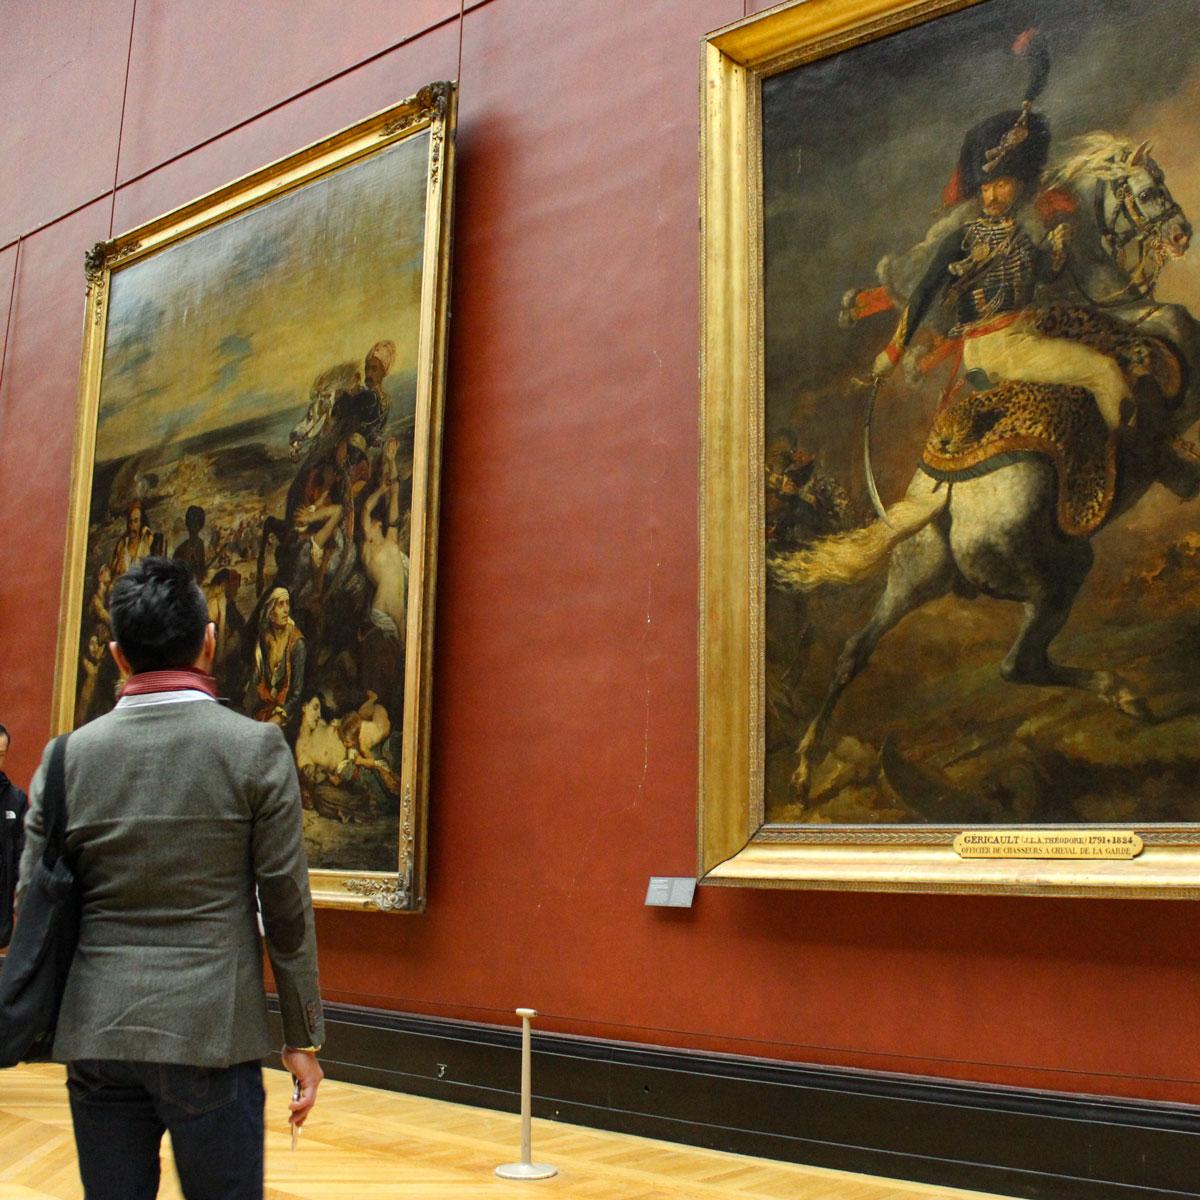 Louvre Aufenthalt richtig planen